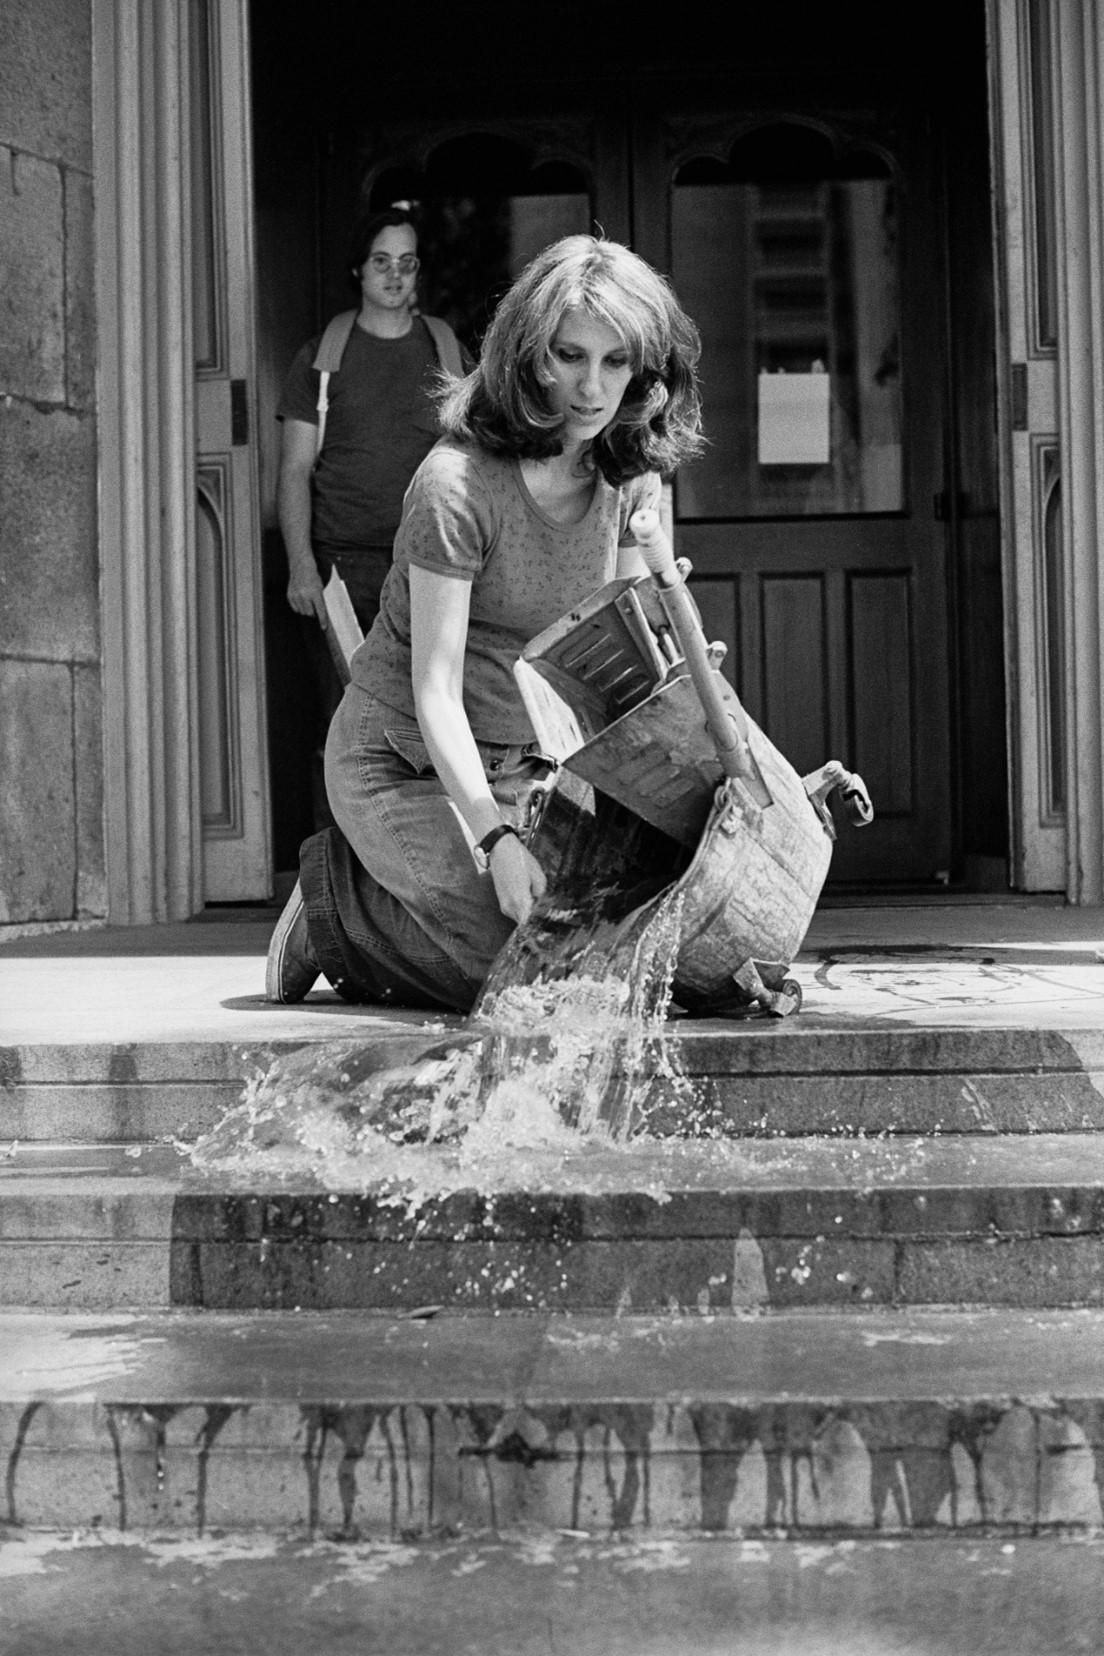 מירל לדרמן-יוקלס, אמנות תחזוקה, 1973. תצלום שחור לבן, תיעוד מייצג. אוסף האמנית וגלריה רונלד פלדמן, ניו-יורק